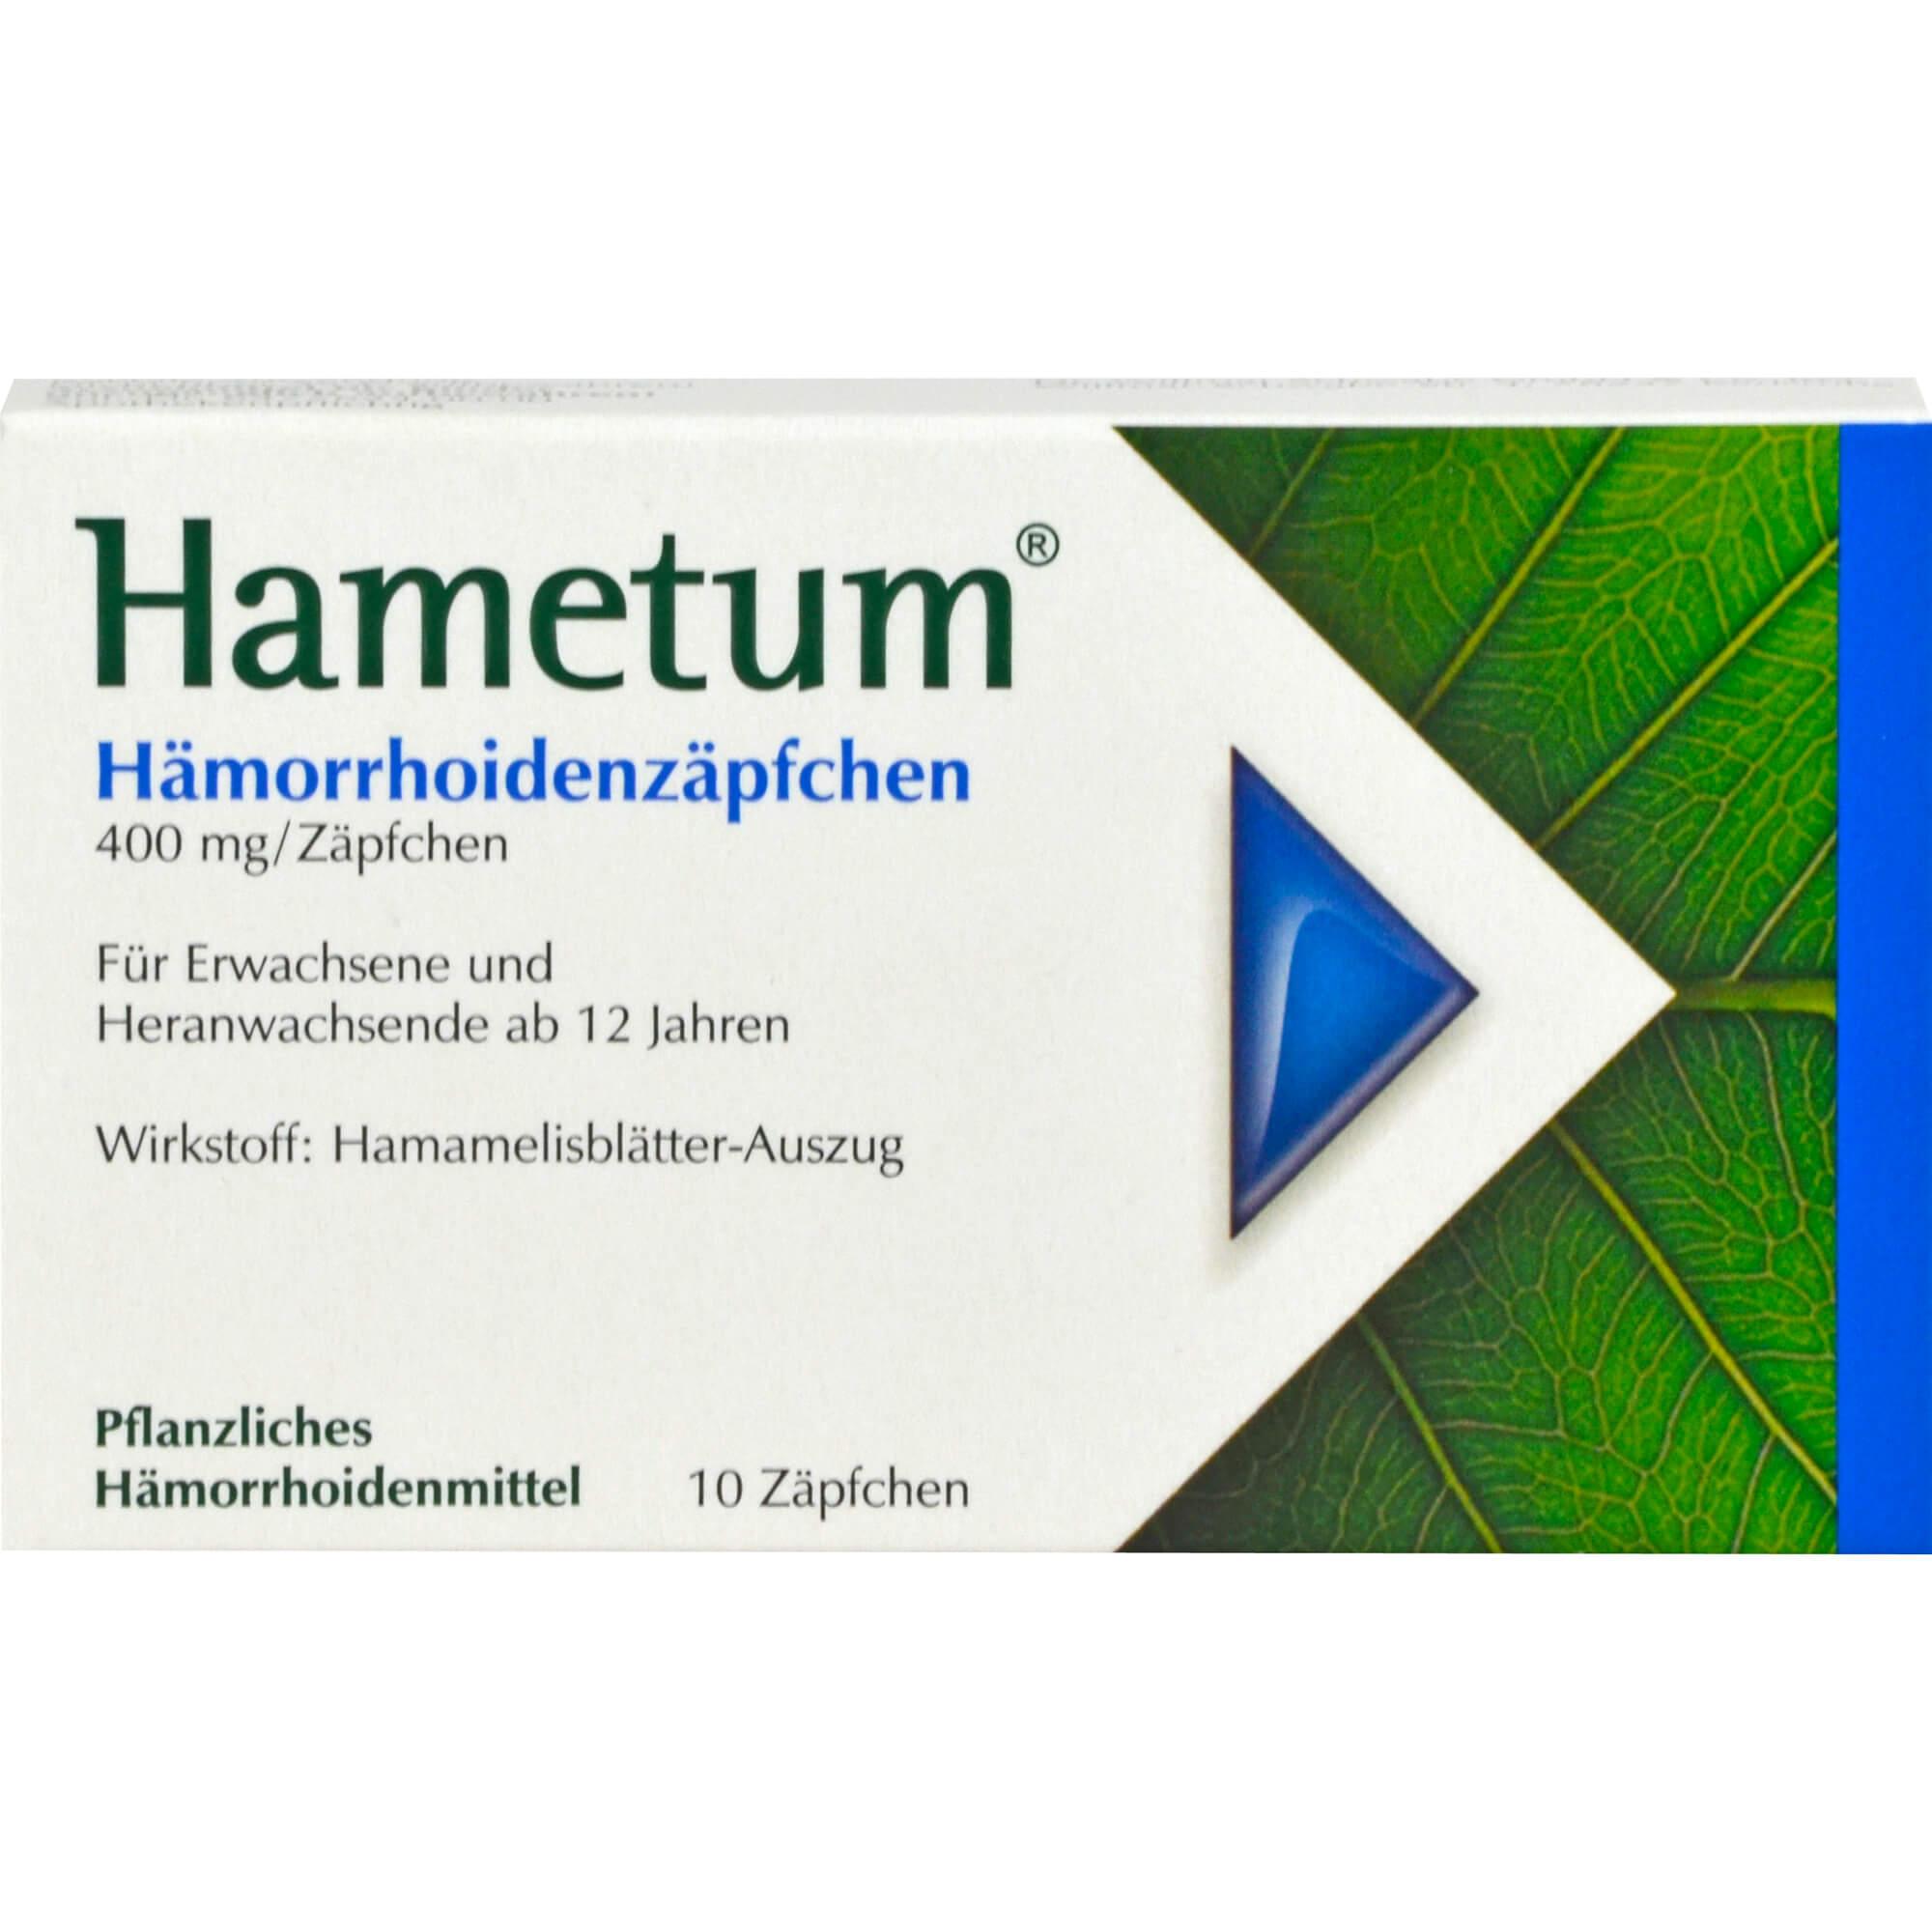 HAMETUM-Haemorrhoiden-Zaepfchen